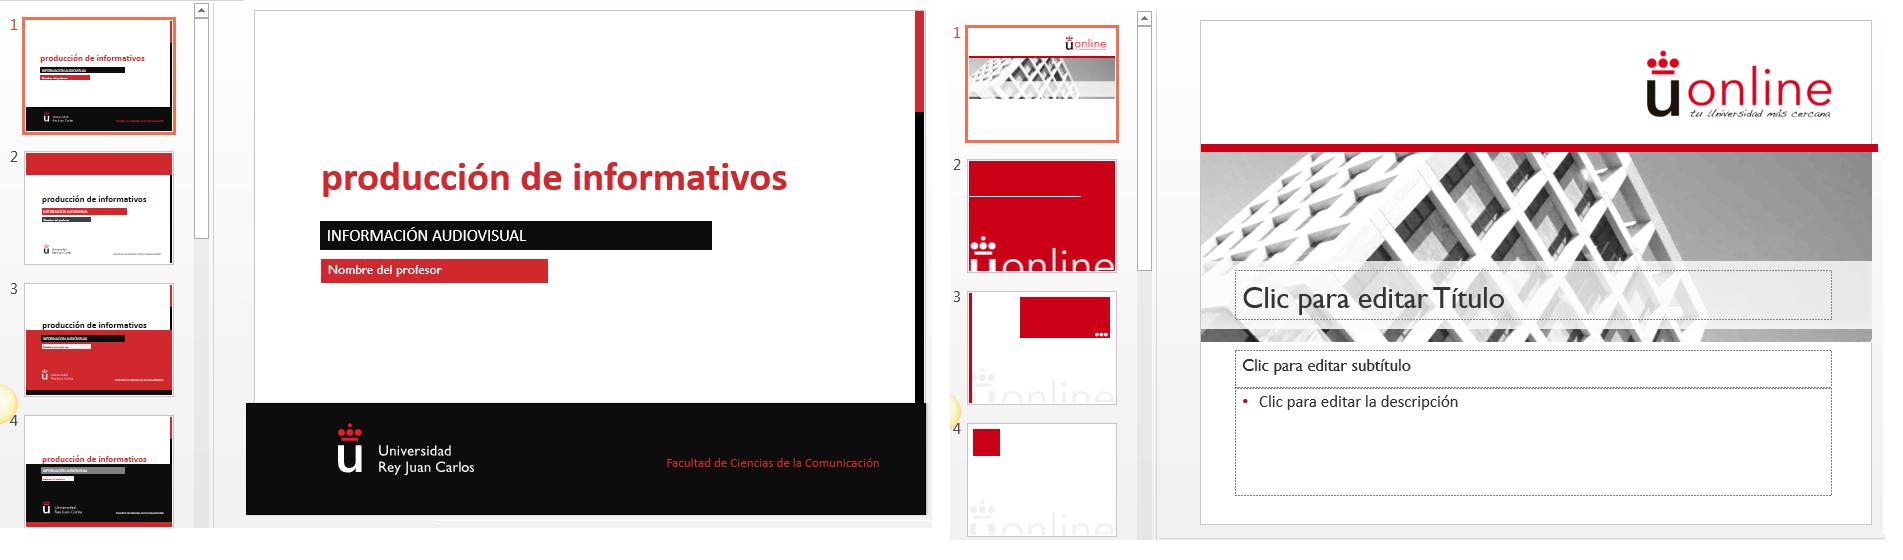 plantillas-1495061350-61.png